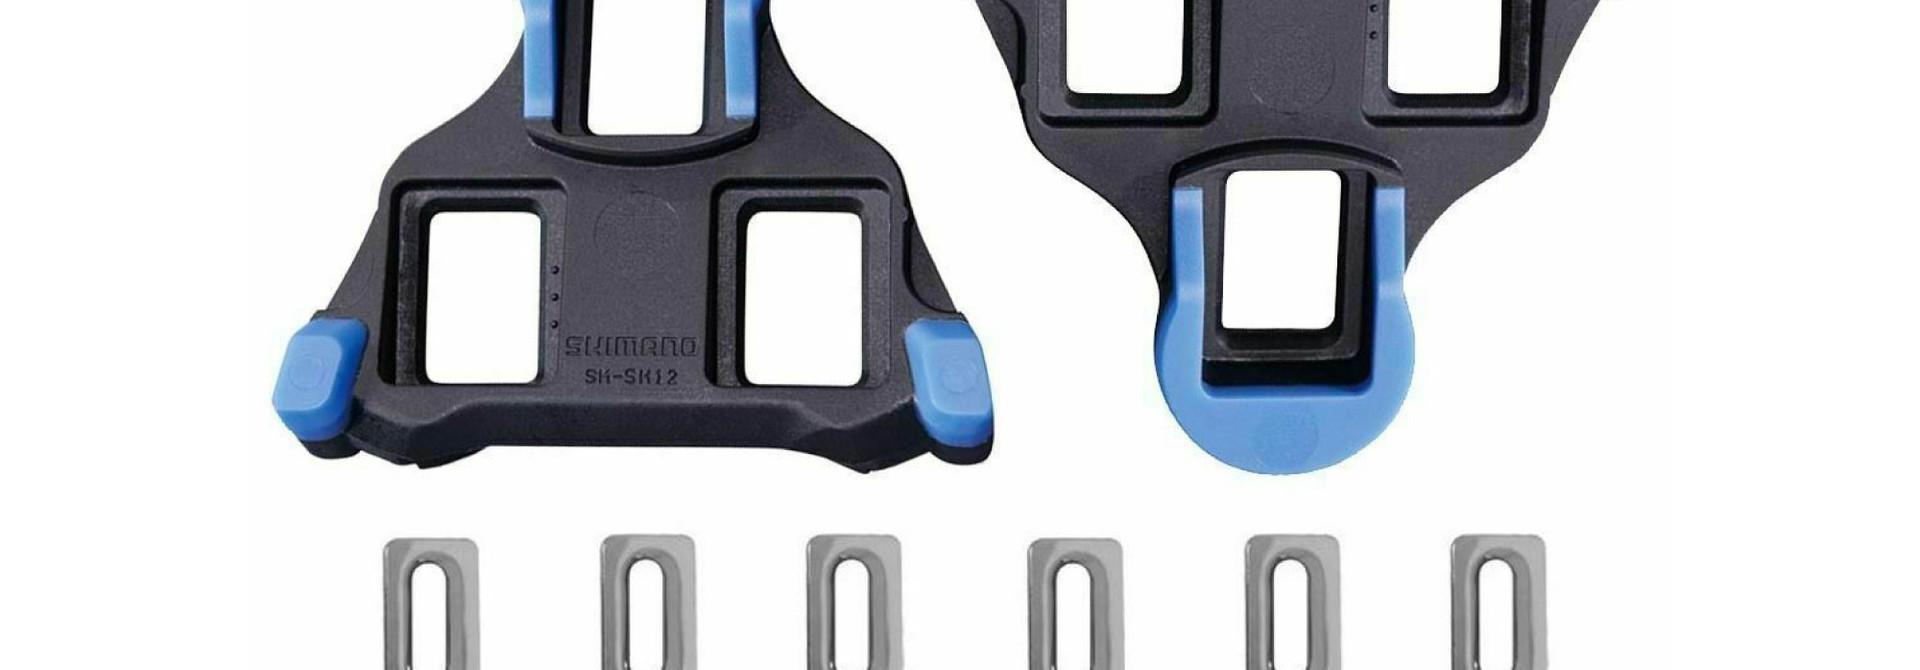 SM-SH12 Spd-Sl Cleat Set Front Center Pivot - Blue